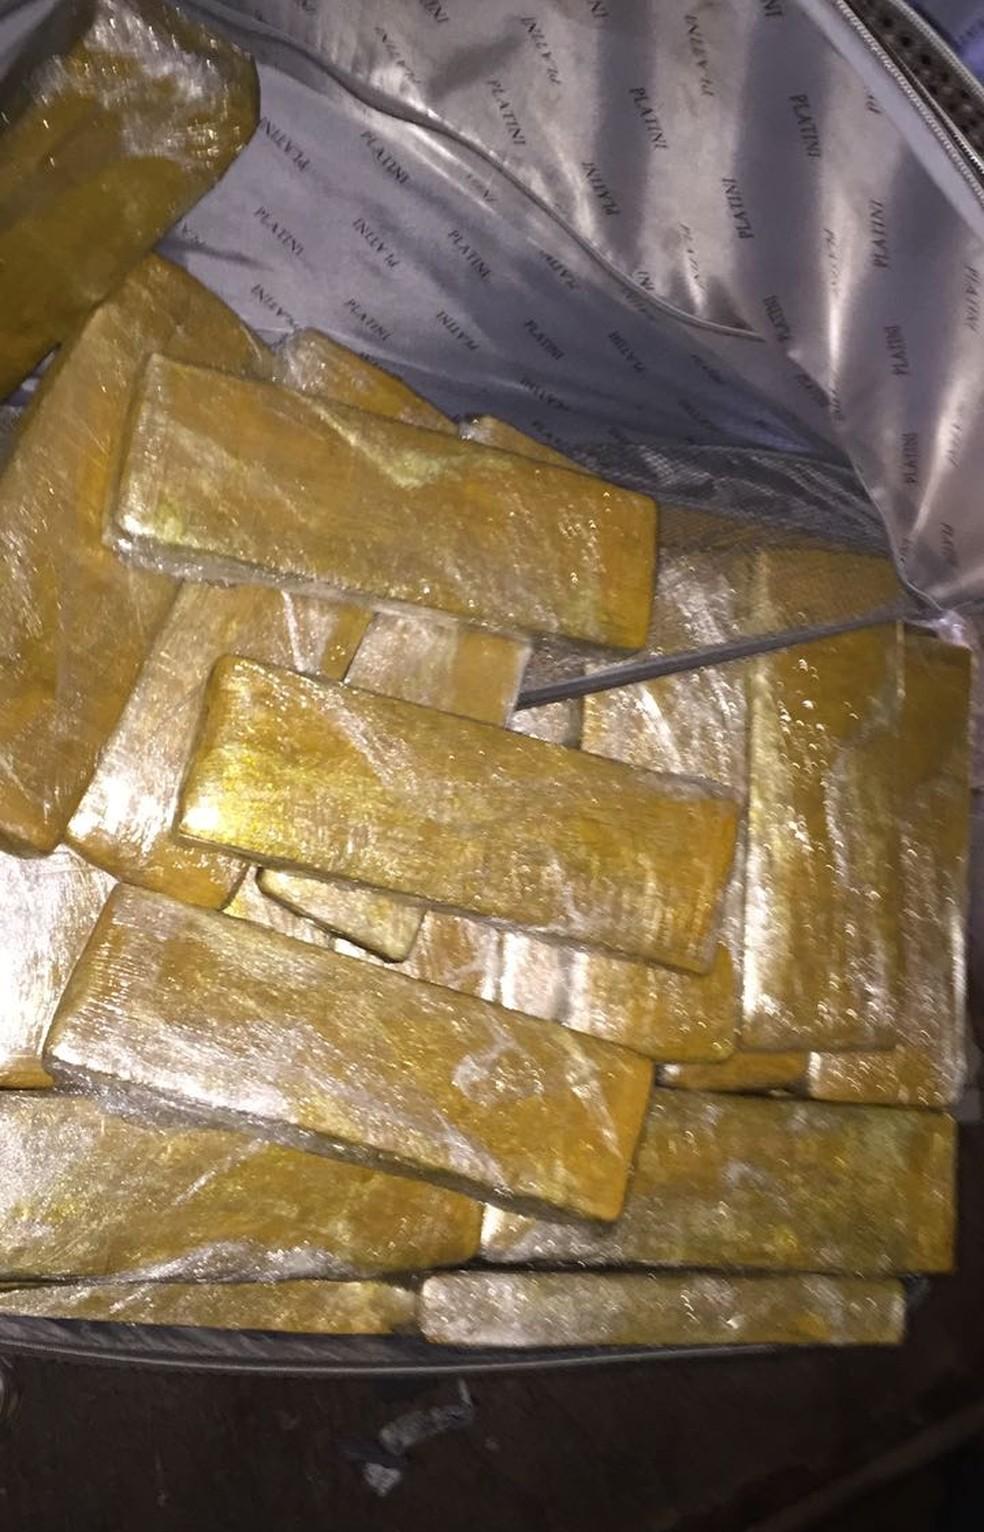 -  Polícia apreende 300 kg de maconha que saiu do Paraguai com destino a Angra  Foto: Divulgação/Polícia Civil